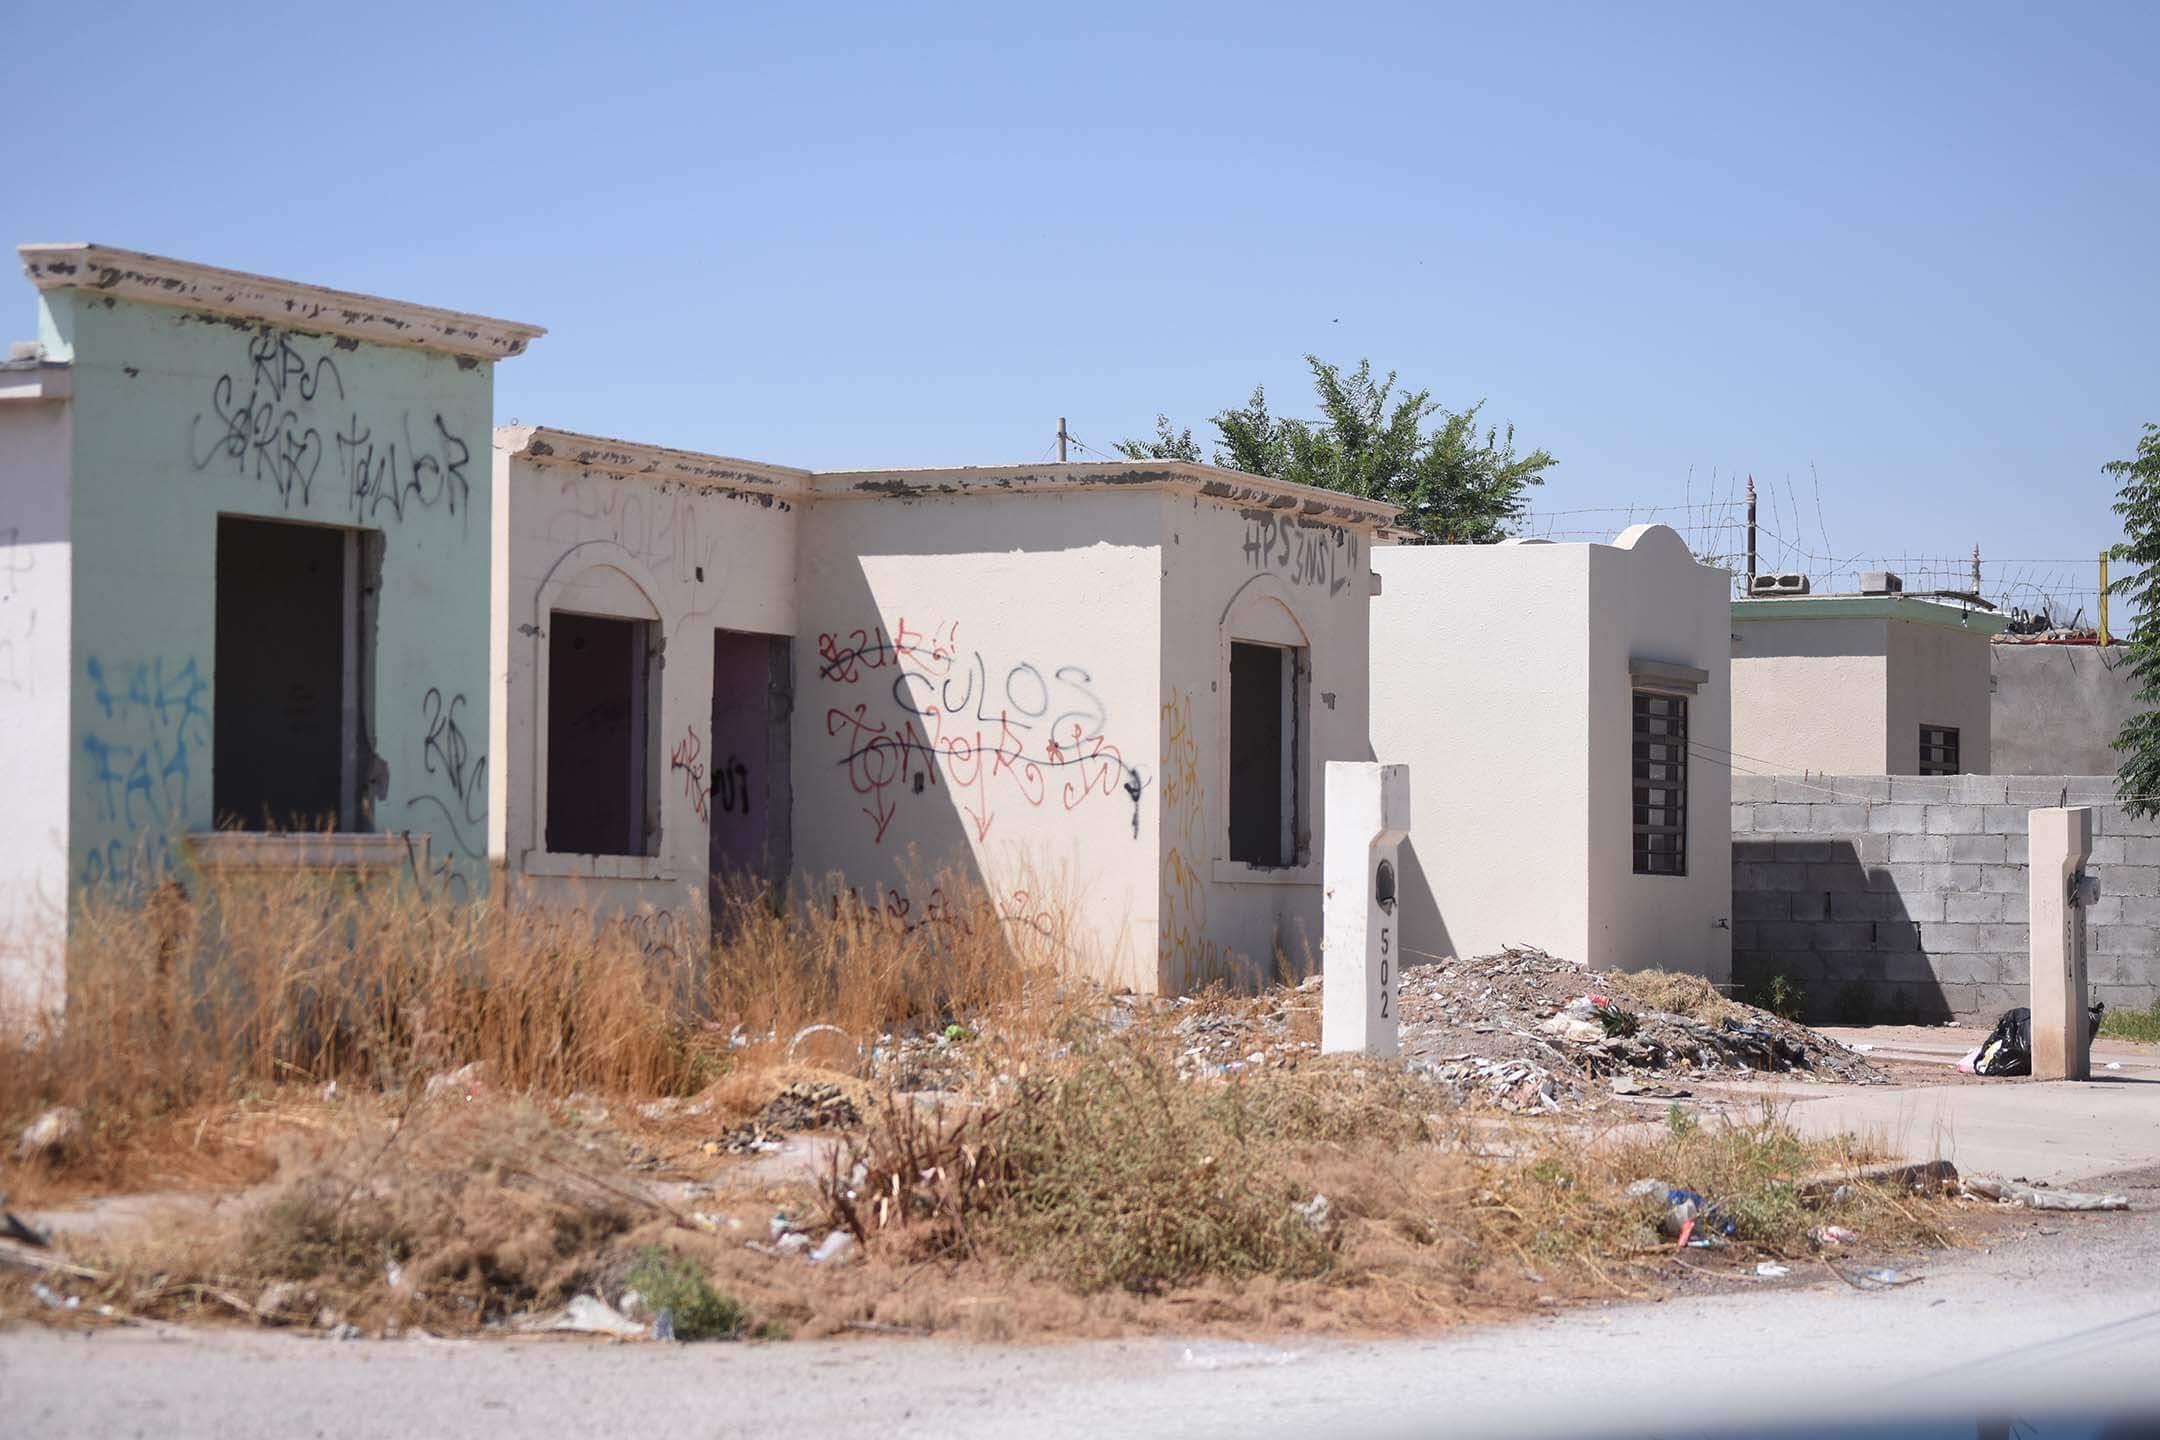 En la colonia Riberas del Bravo, ubicada al oriente de Ciudad Juárez, abundan las casas deshabitadas y en condiciones de abandono. Aunque se han implementado varios programas de gobierno para lograr su recuperación, la problemática se extiende. Foto: Rey R. Jáuregui